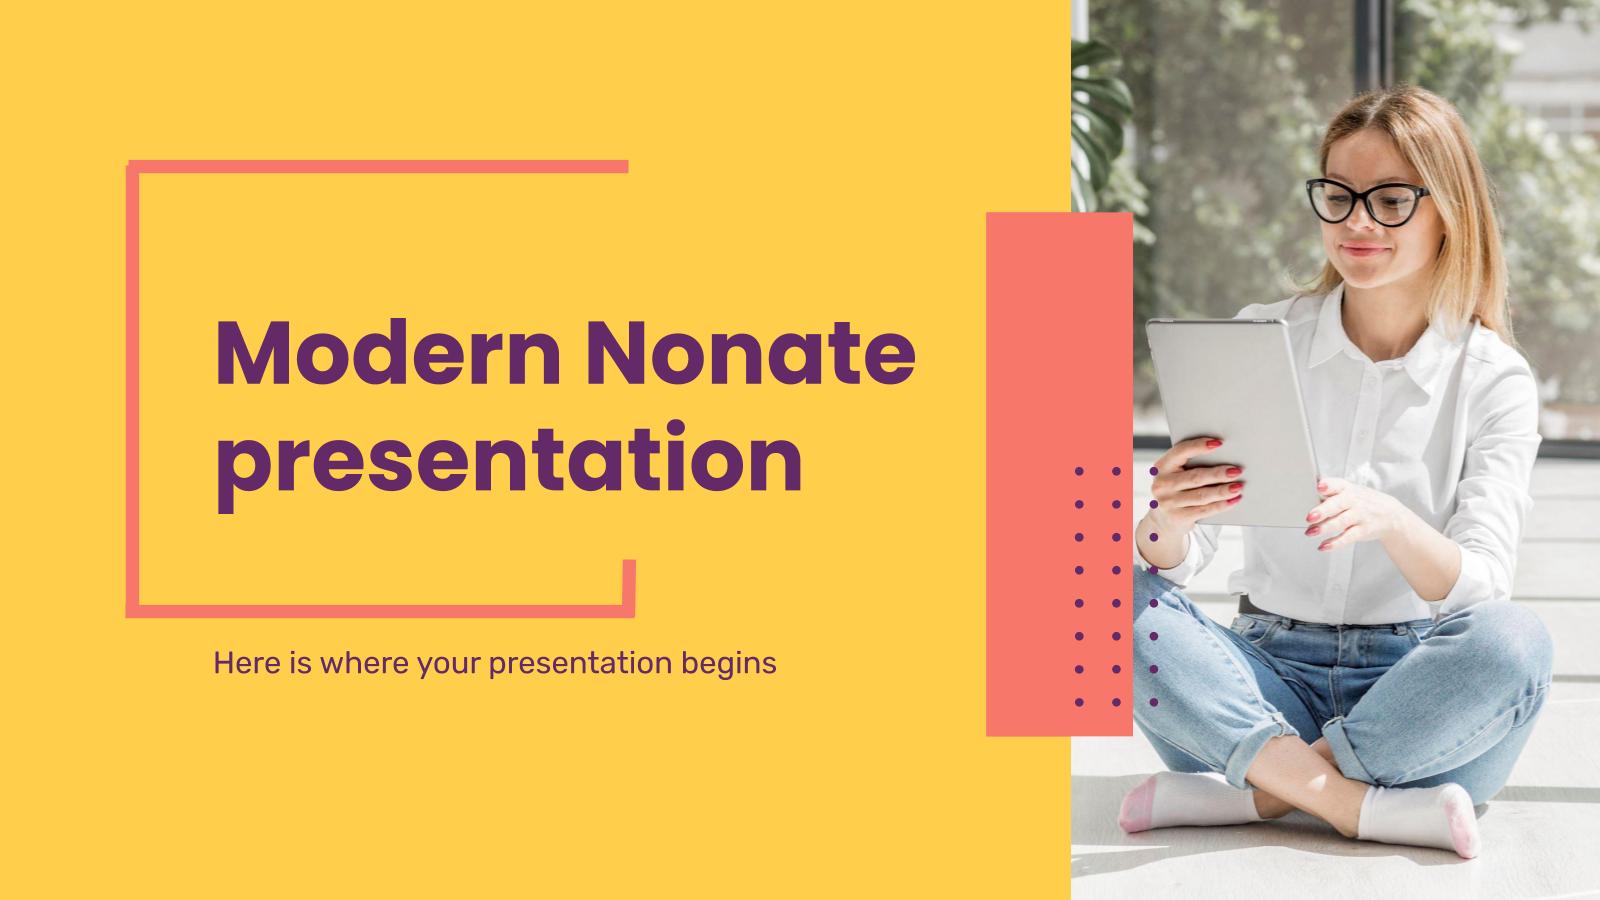 Plantilla de presentación Presentación Nonate moderna